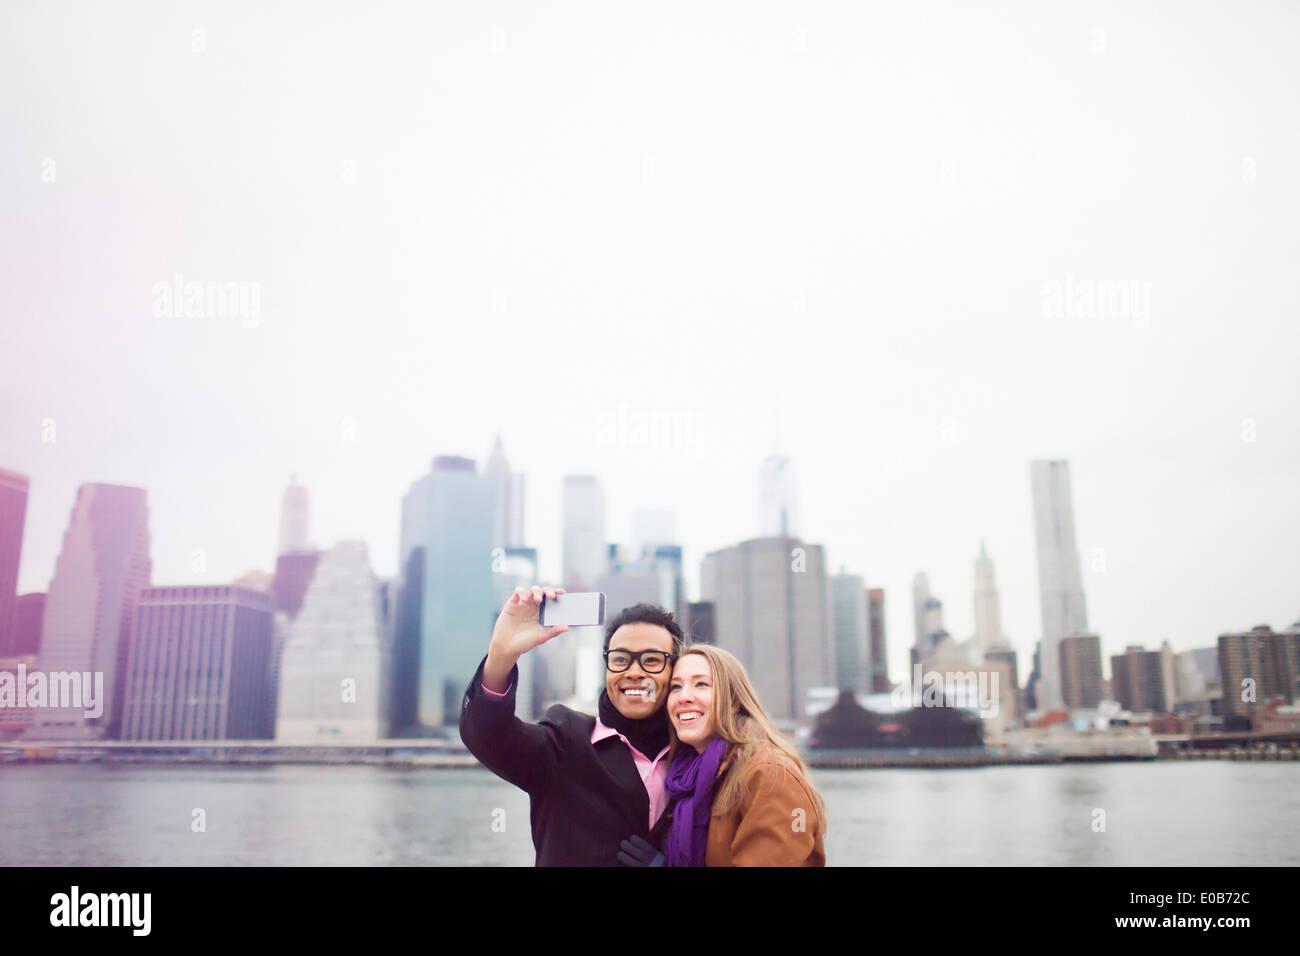 Junges Paar nehmen Selfie mit Skyline von Manhattan, New York, USA Stockbild